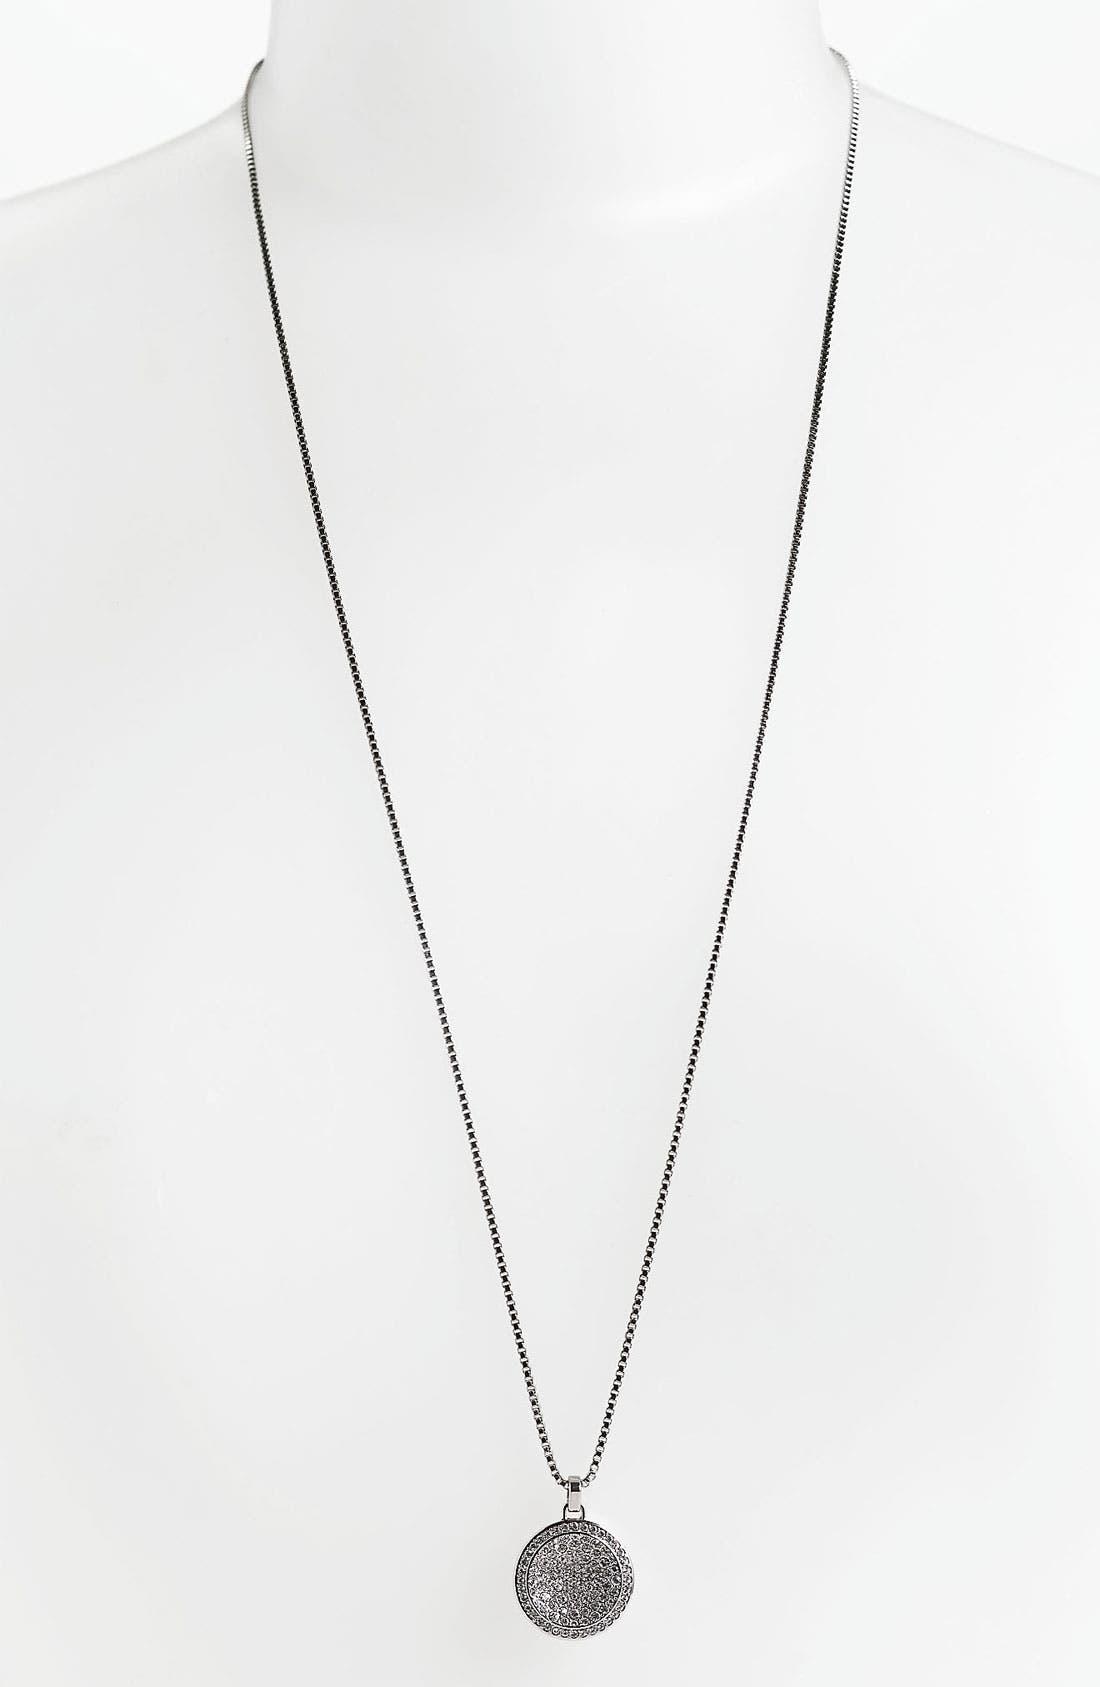 Main Image - Michael Kors Pendant Necklace